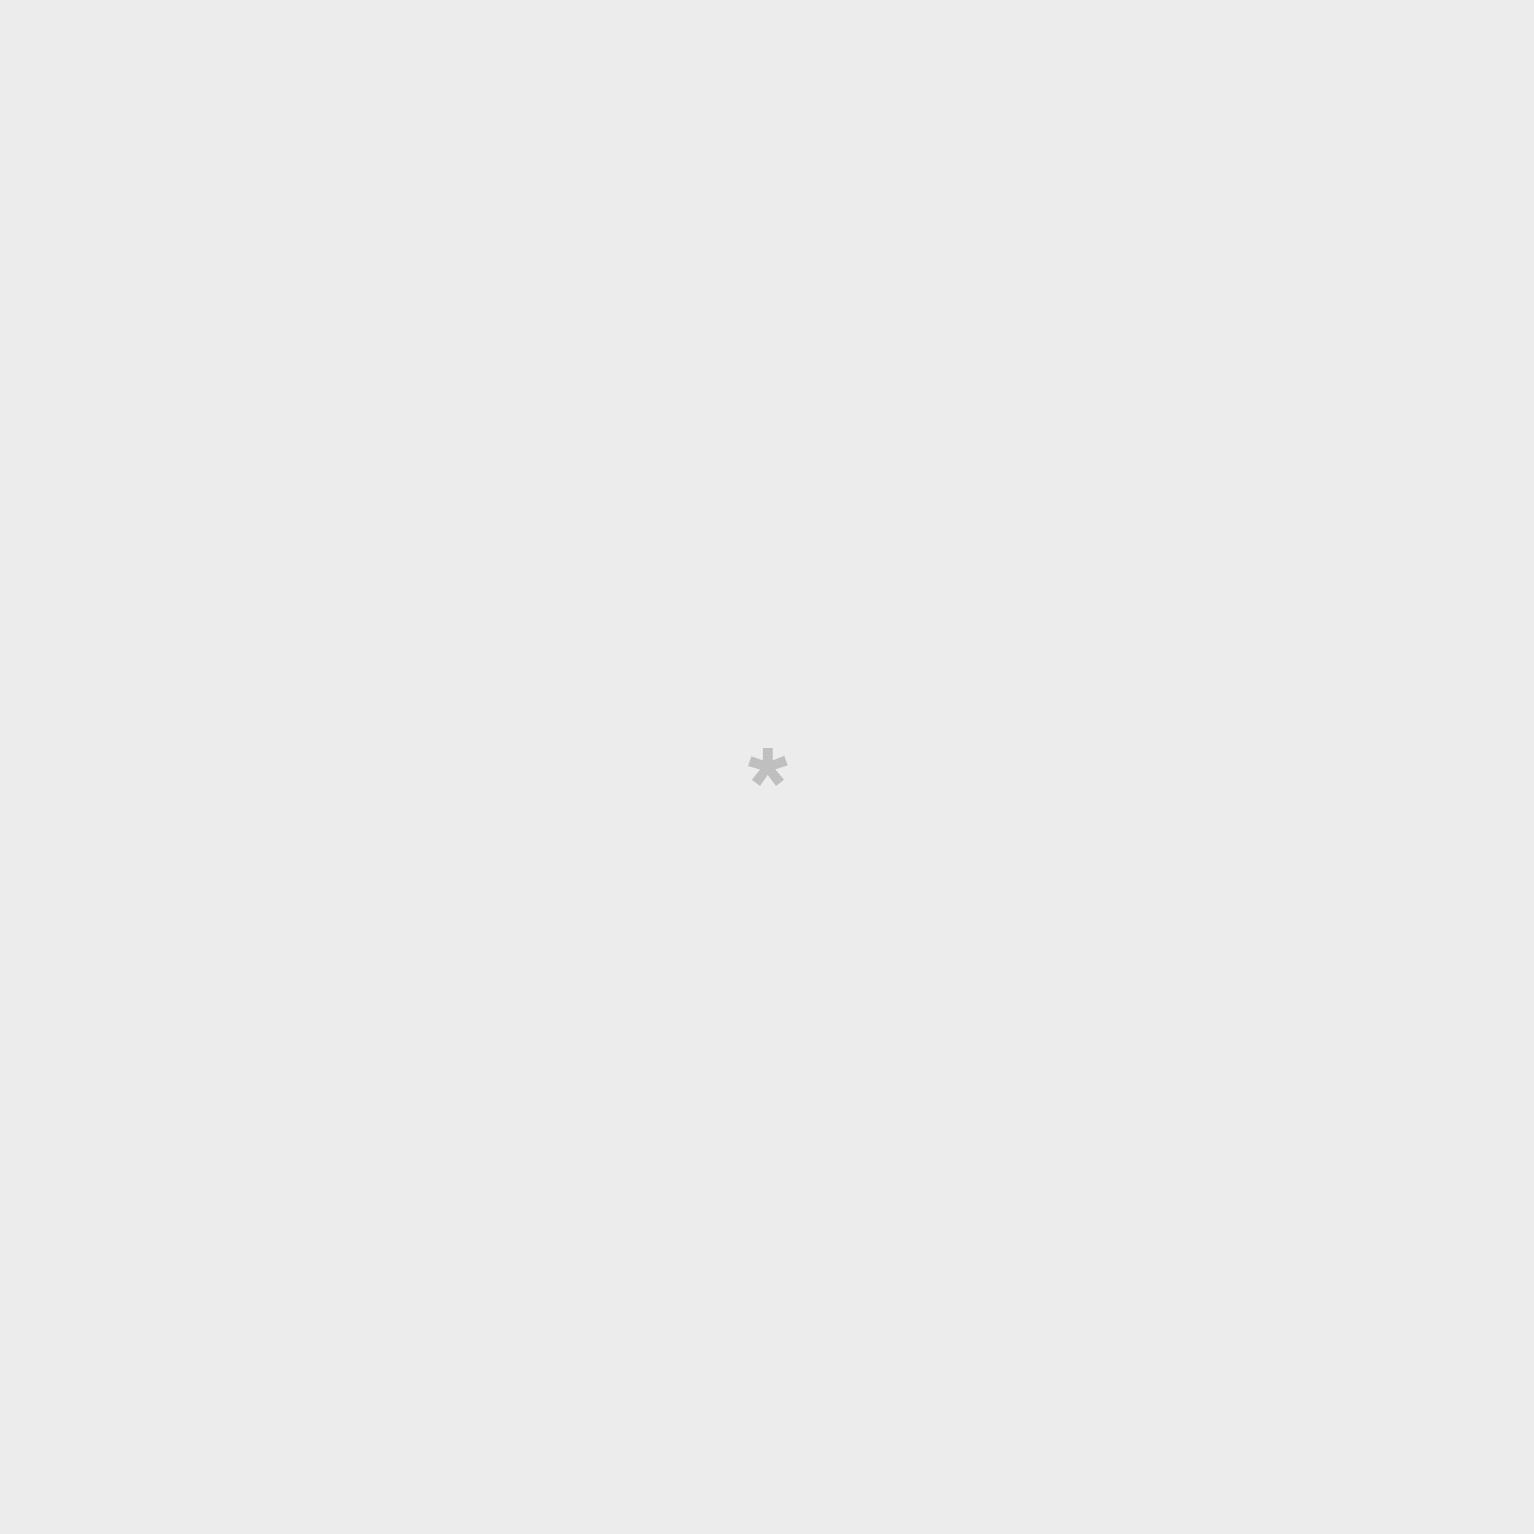 Quaderno - Credi in te e nel futuro che verrà